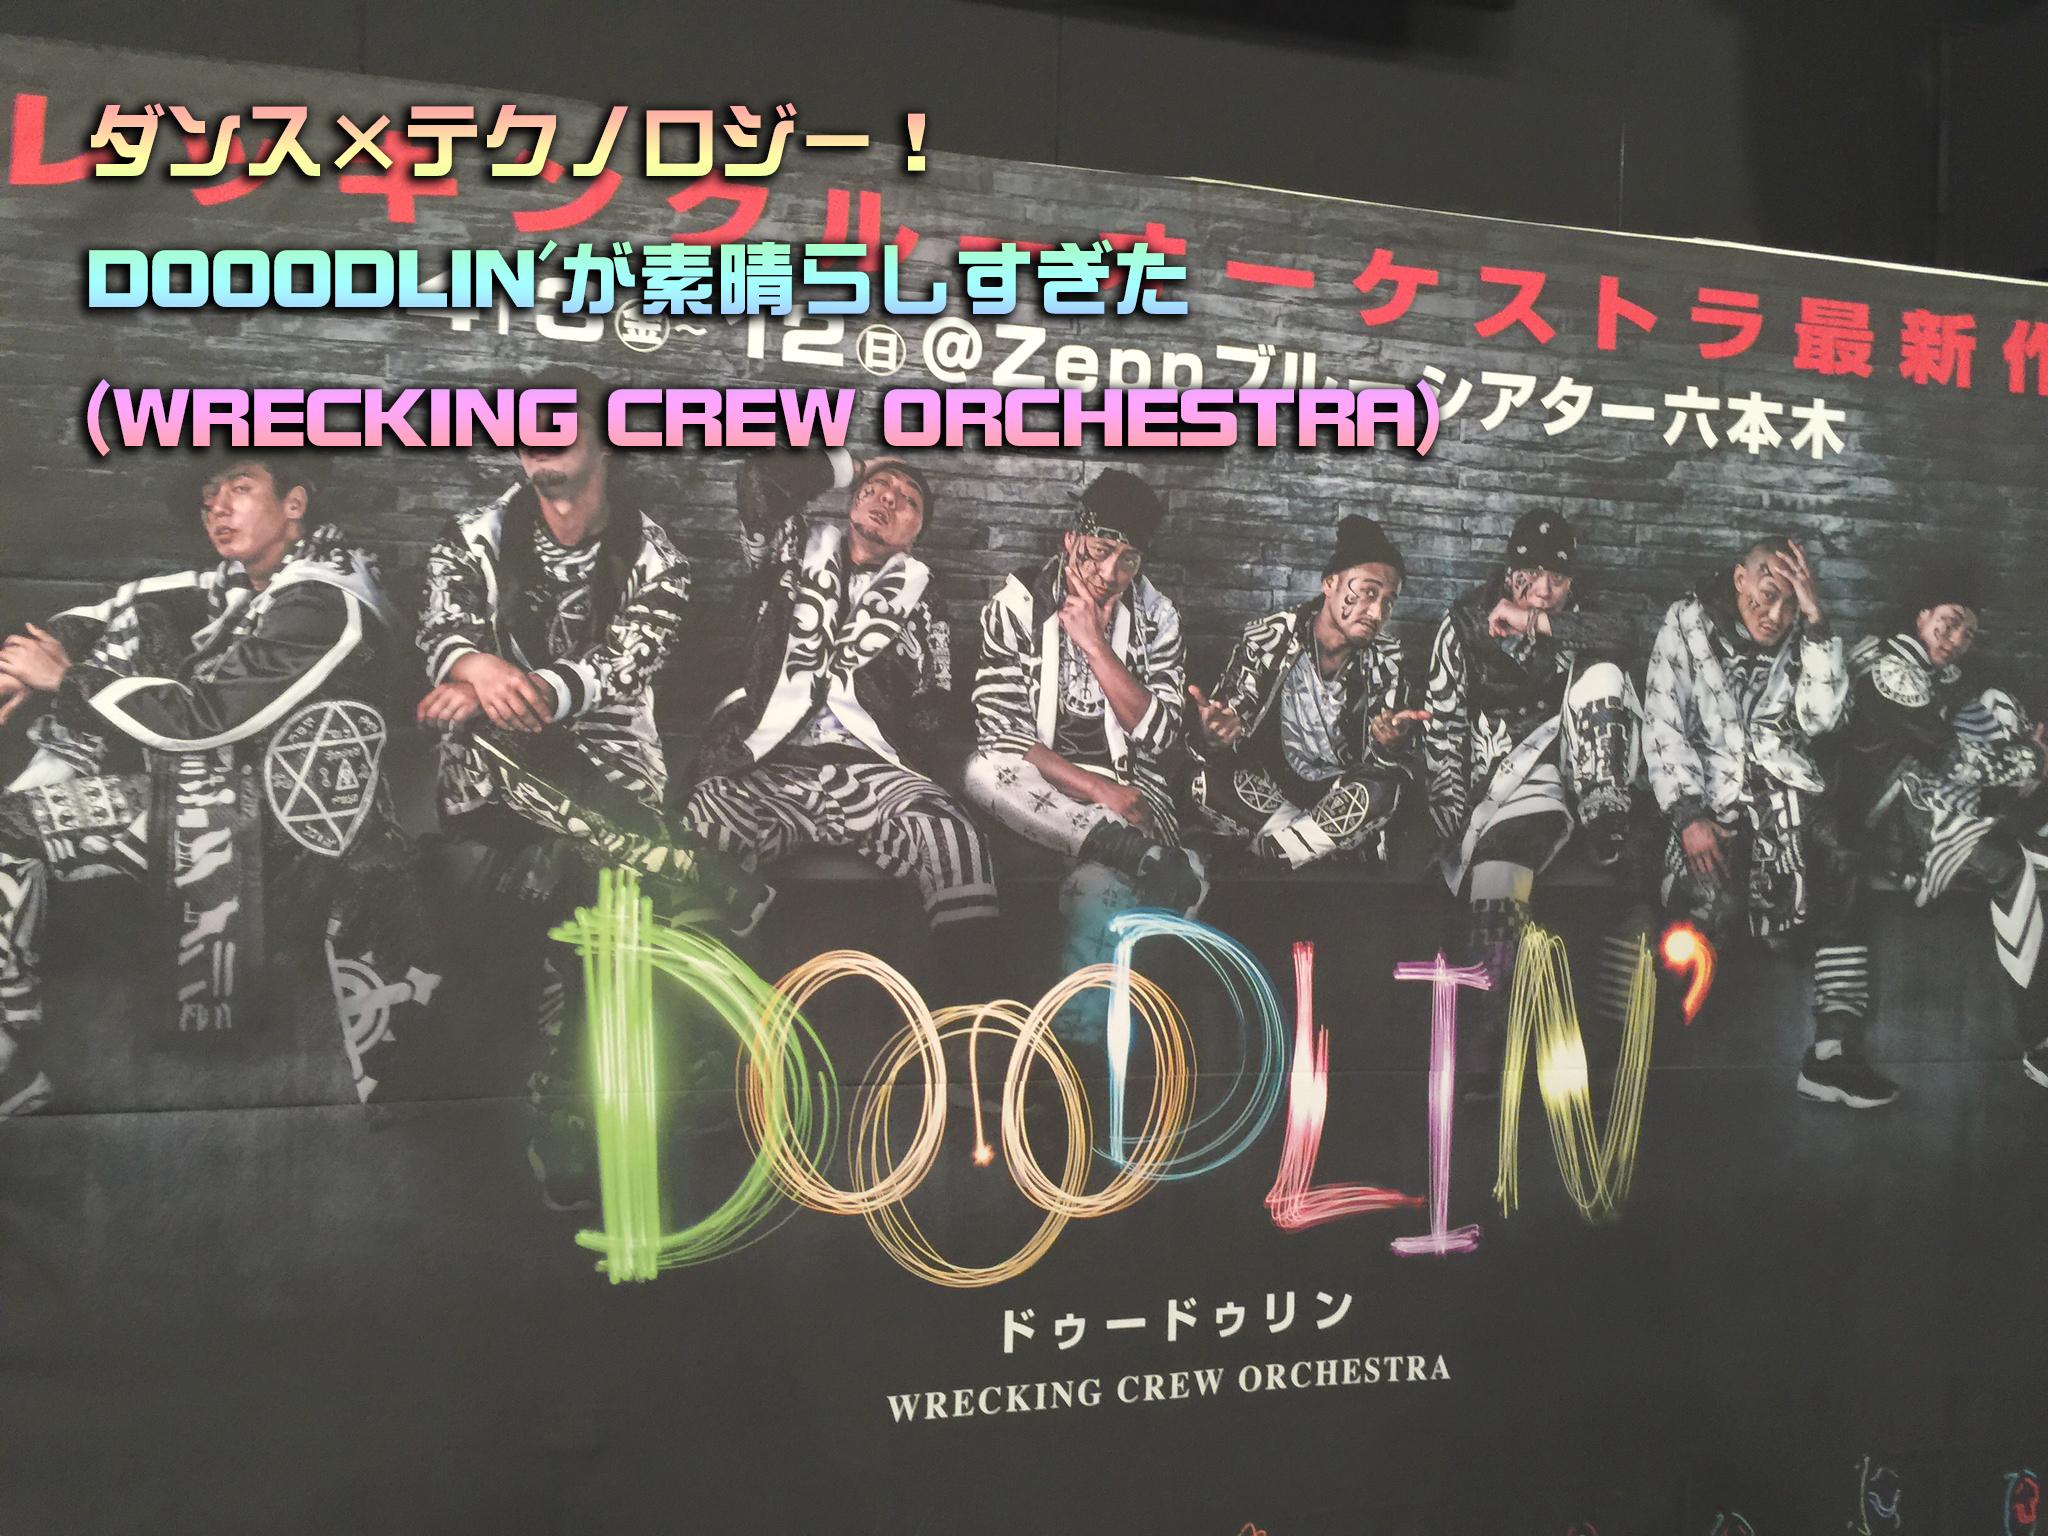 ダンス×テクノロジー!DOOODLIN'が素晴らしすぎた (W.C.O)